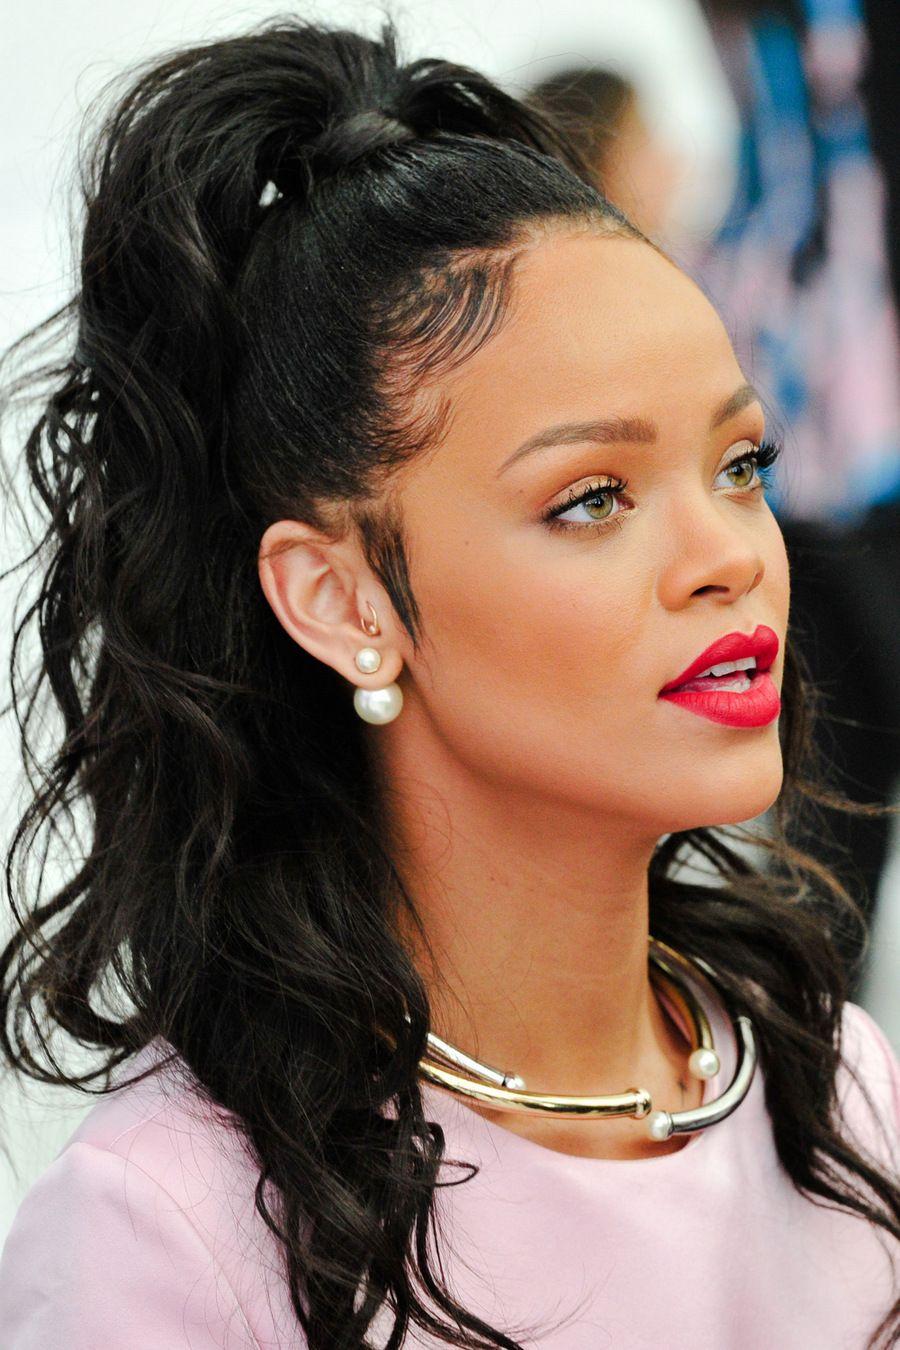 Statement Earrings  Rihanna Wears Dior · Double Sided Earringsdouble Pearl